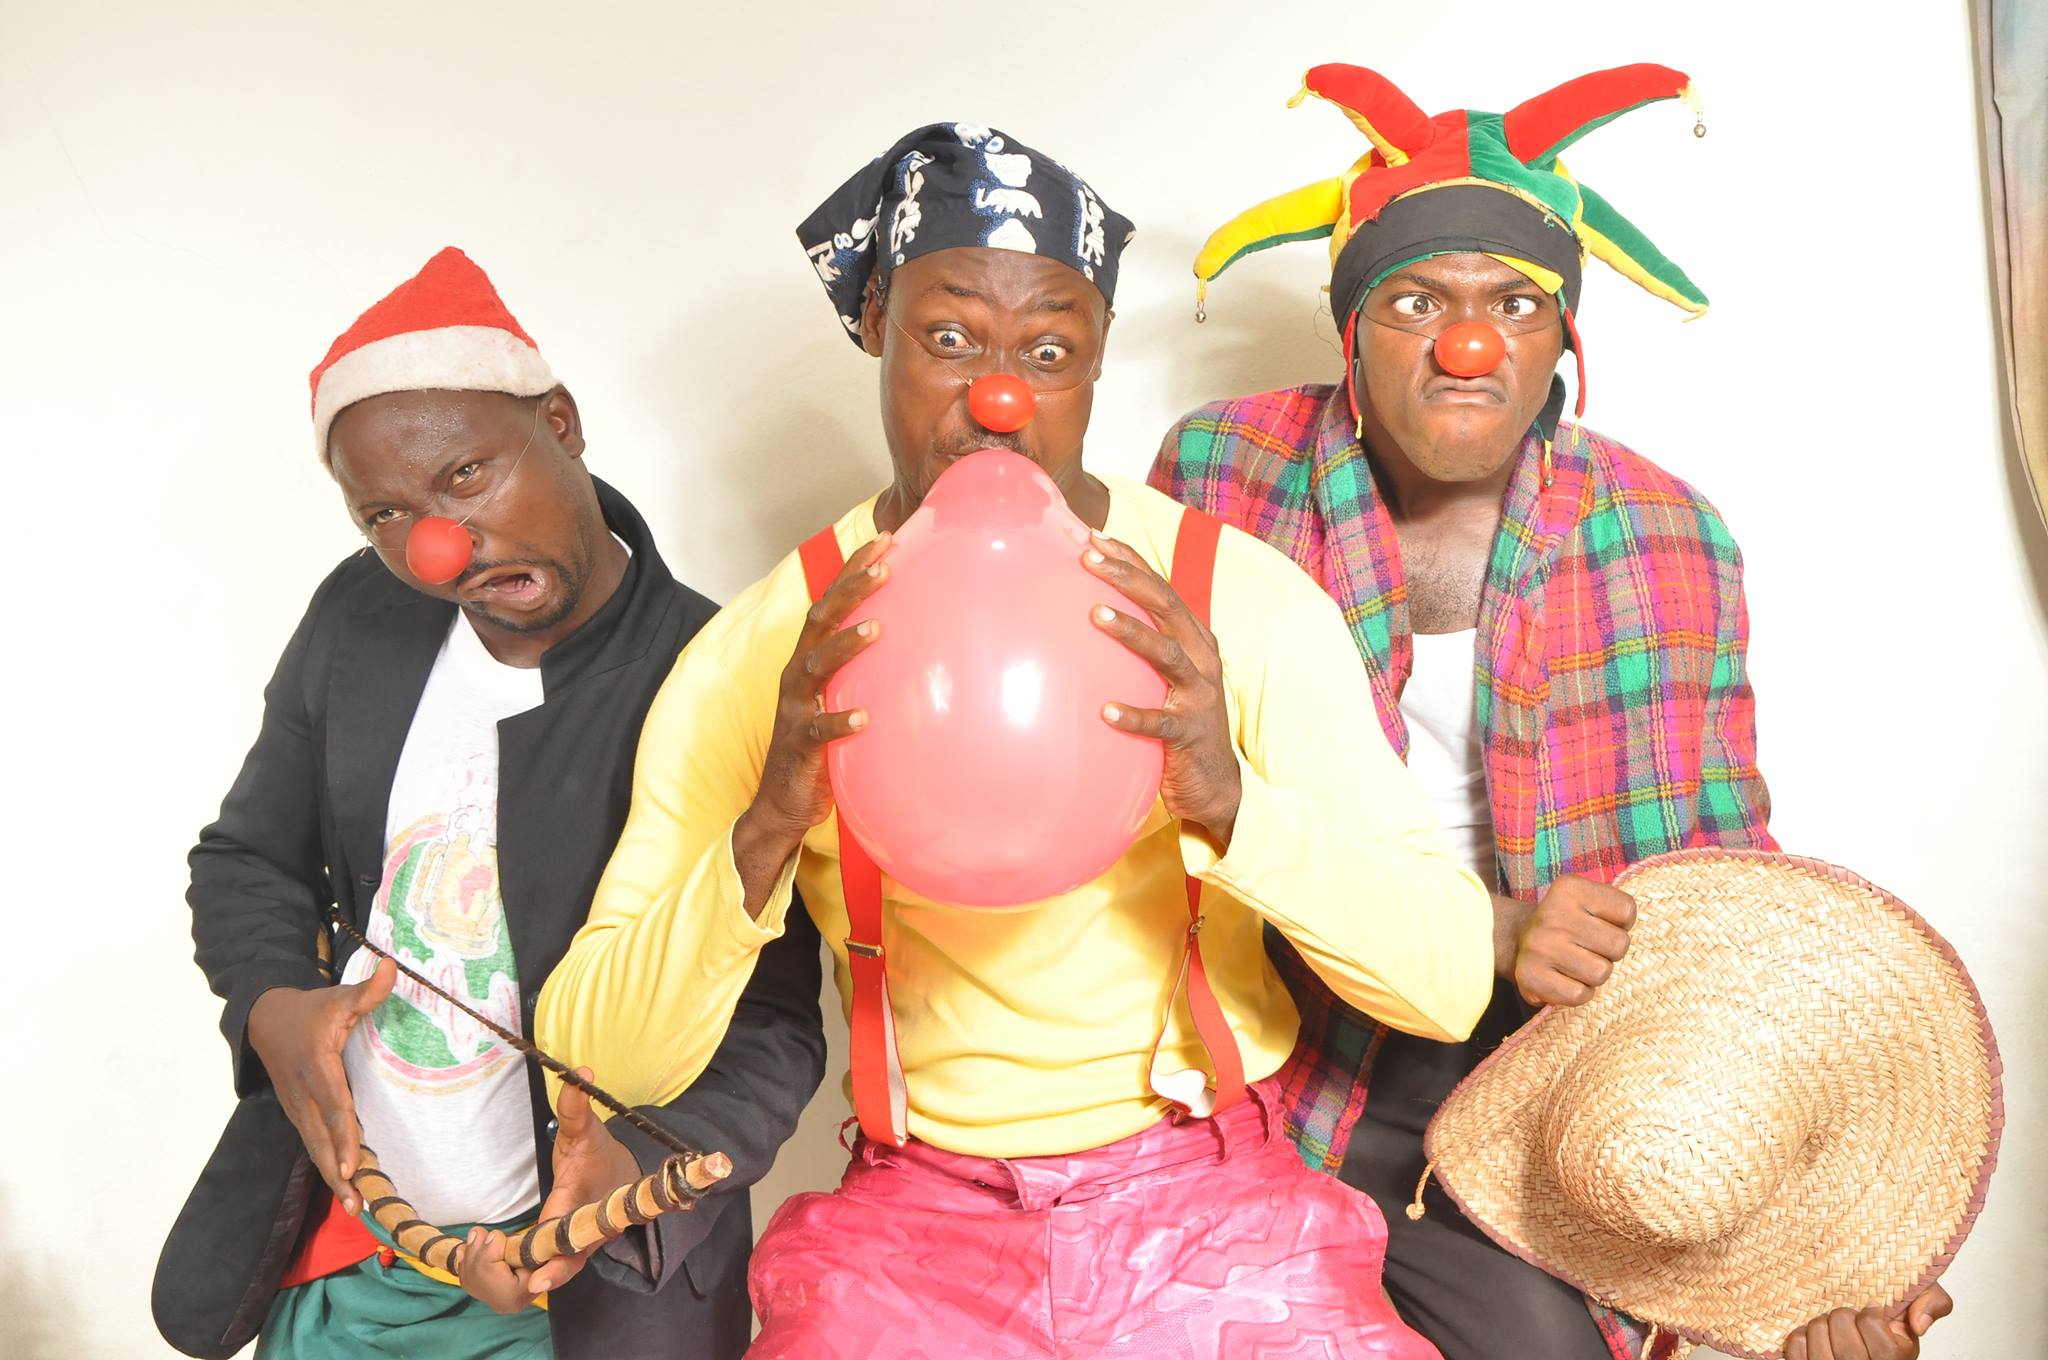 #MASA2018 – Africa Clowns présente  «Moi music, pas call box» un spectacle pour le jeune public